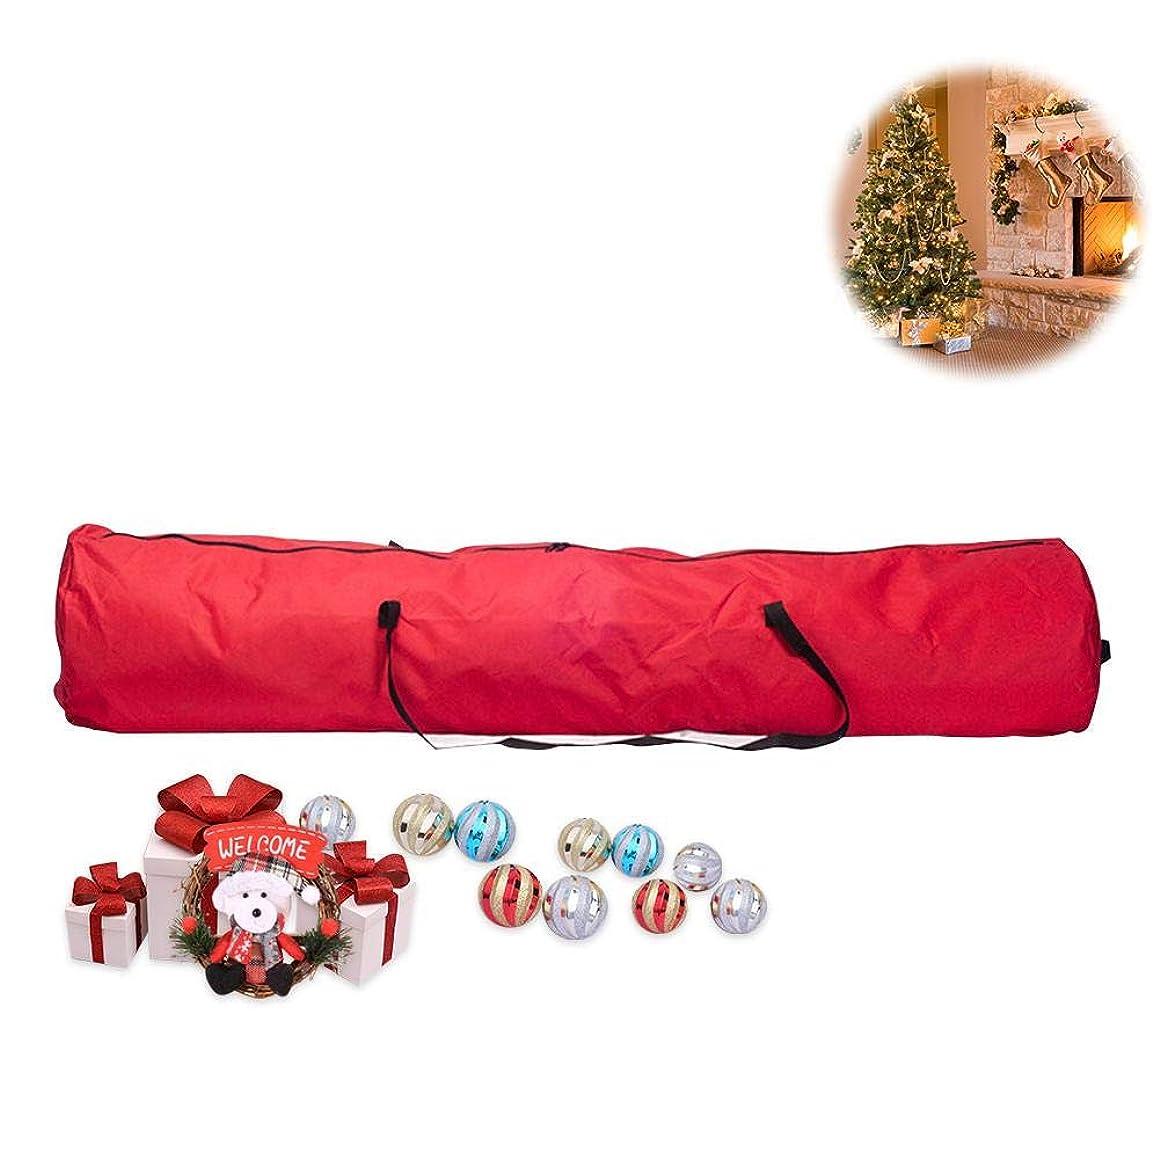 マサッチョ何置き場クリスマスツリー収納袋 おもちゃ収納 ぶら下げバッグ 折りたたみ式 大型バッグ 大容量 超大型撥水バッグ 寝具収納袋 折畳み式 引っ越しバッグ 軽量 防水仕様